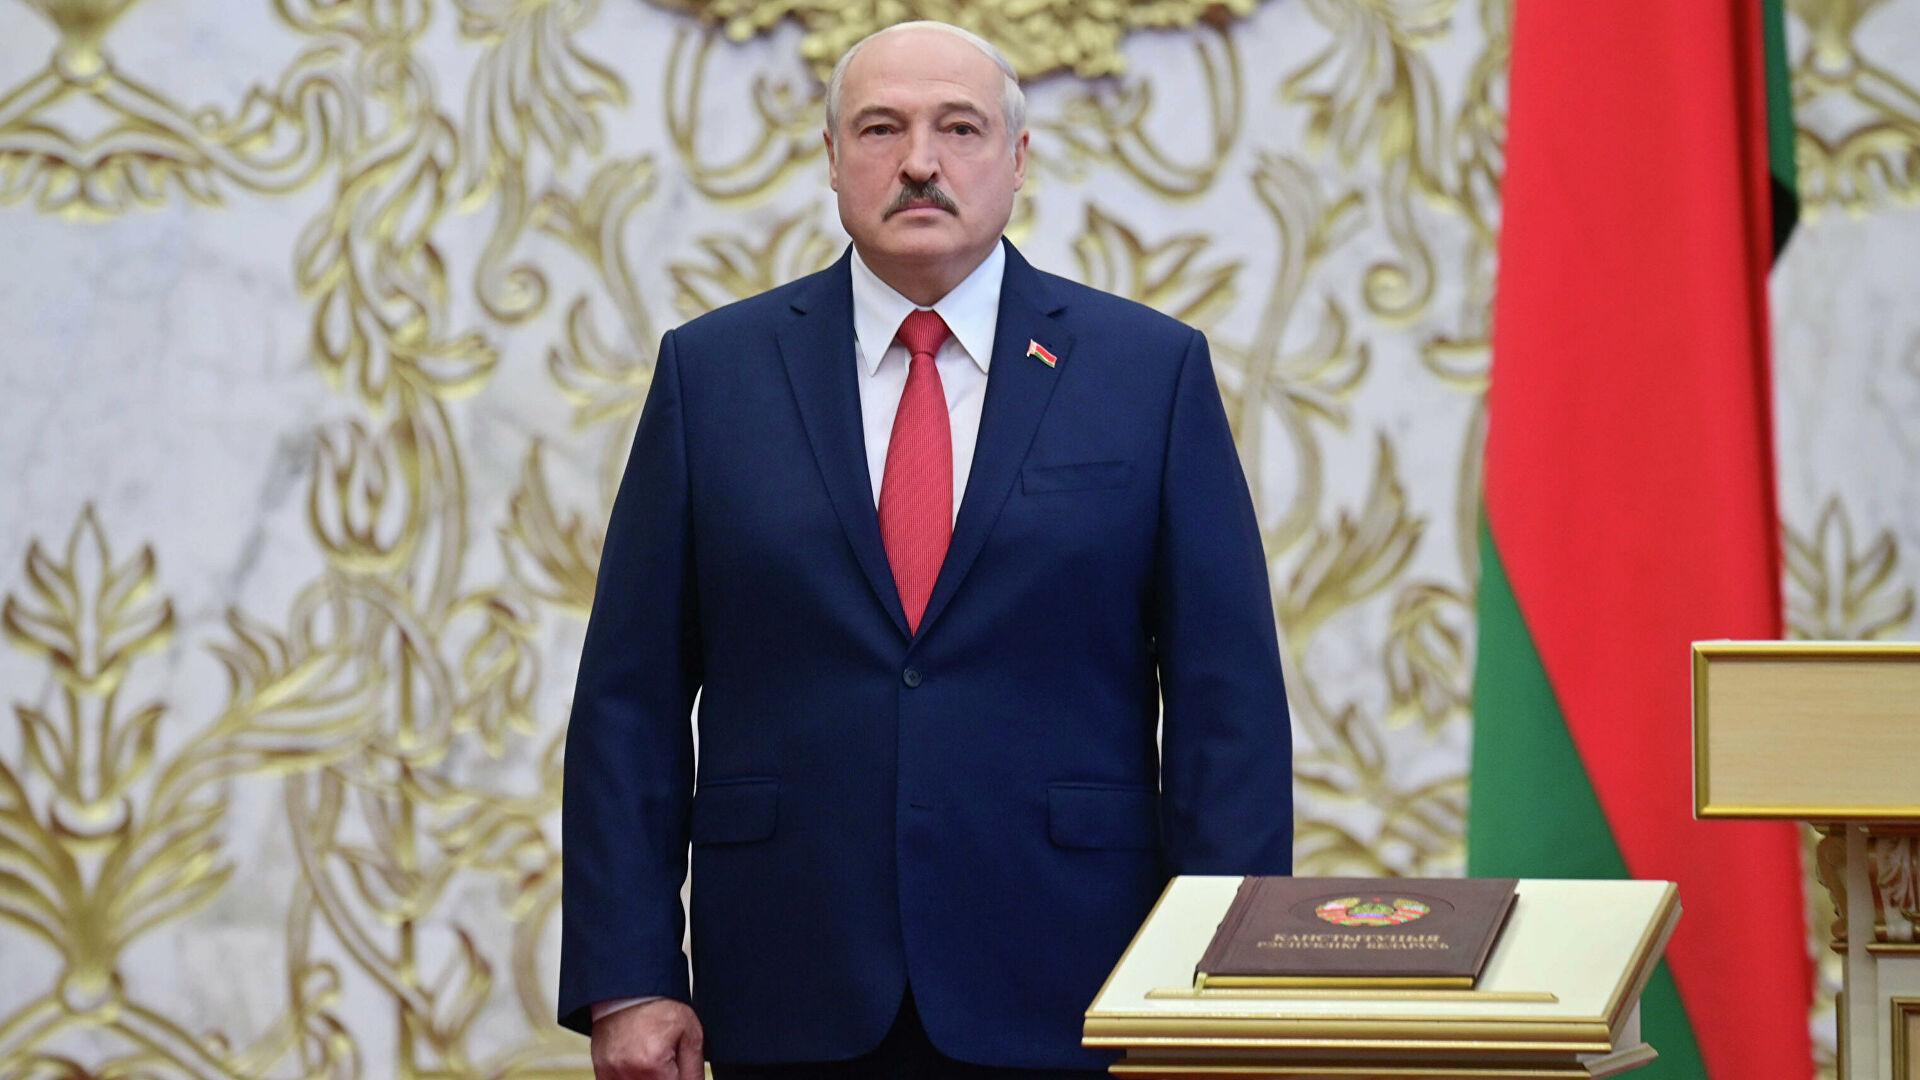 Лукашенко: Макрон је незрео политичар